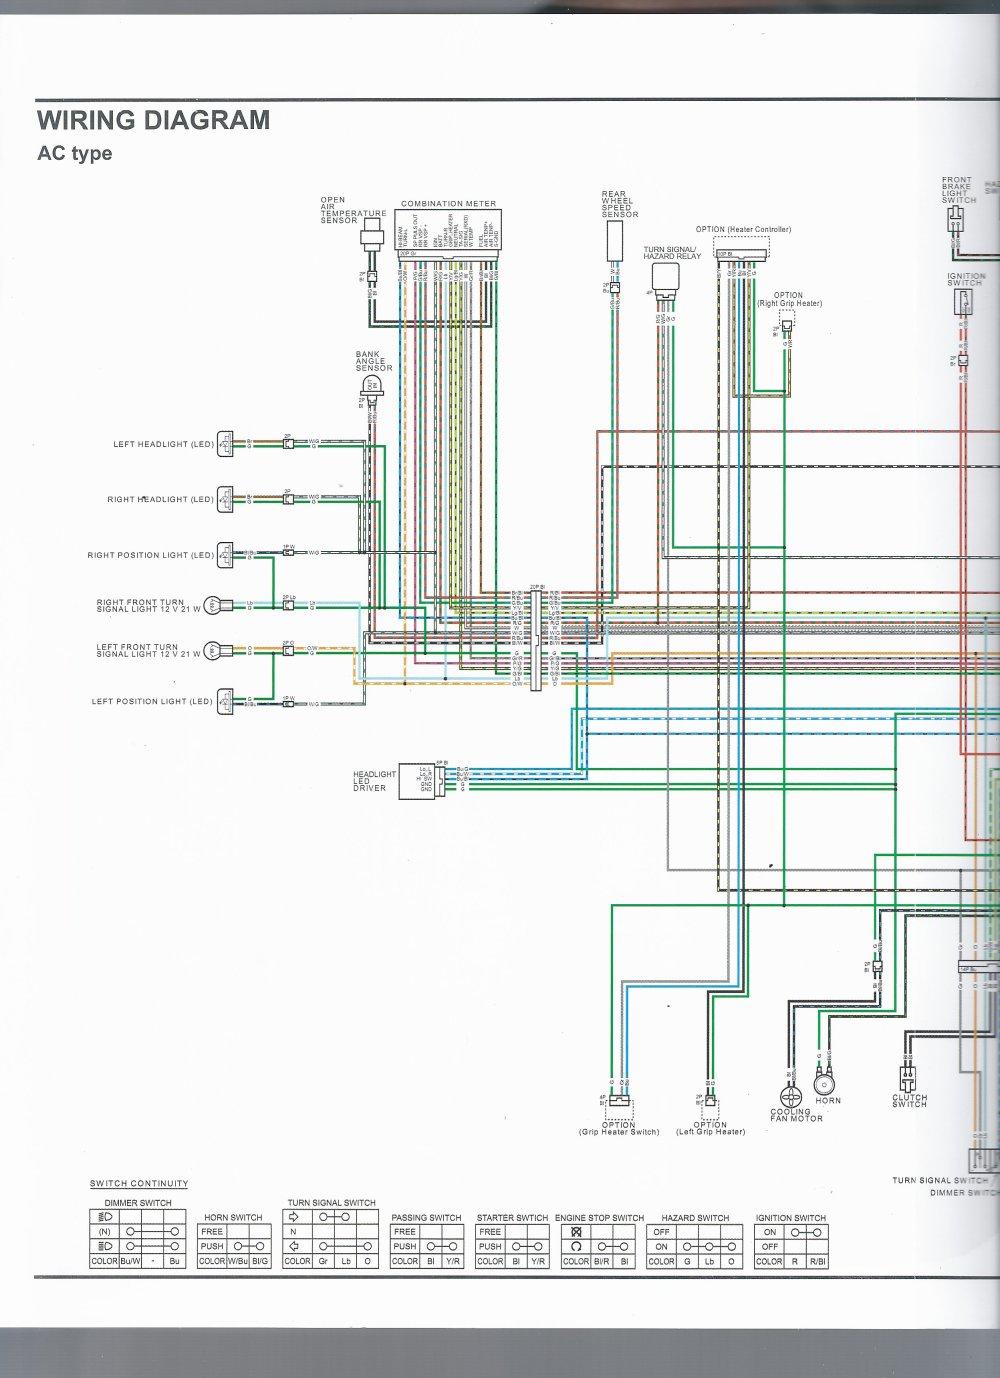 medium resolution of vf750c shop manual honda magna v45 vf750c shop manual ac type 1 of 3 jpg